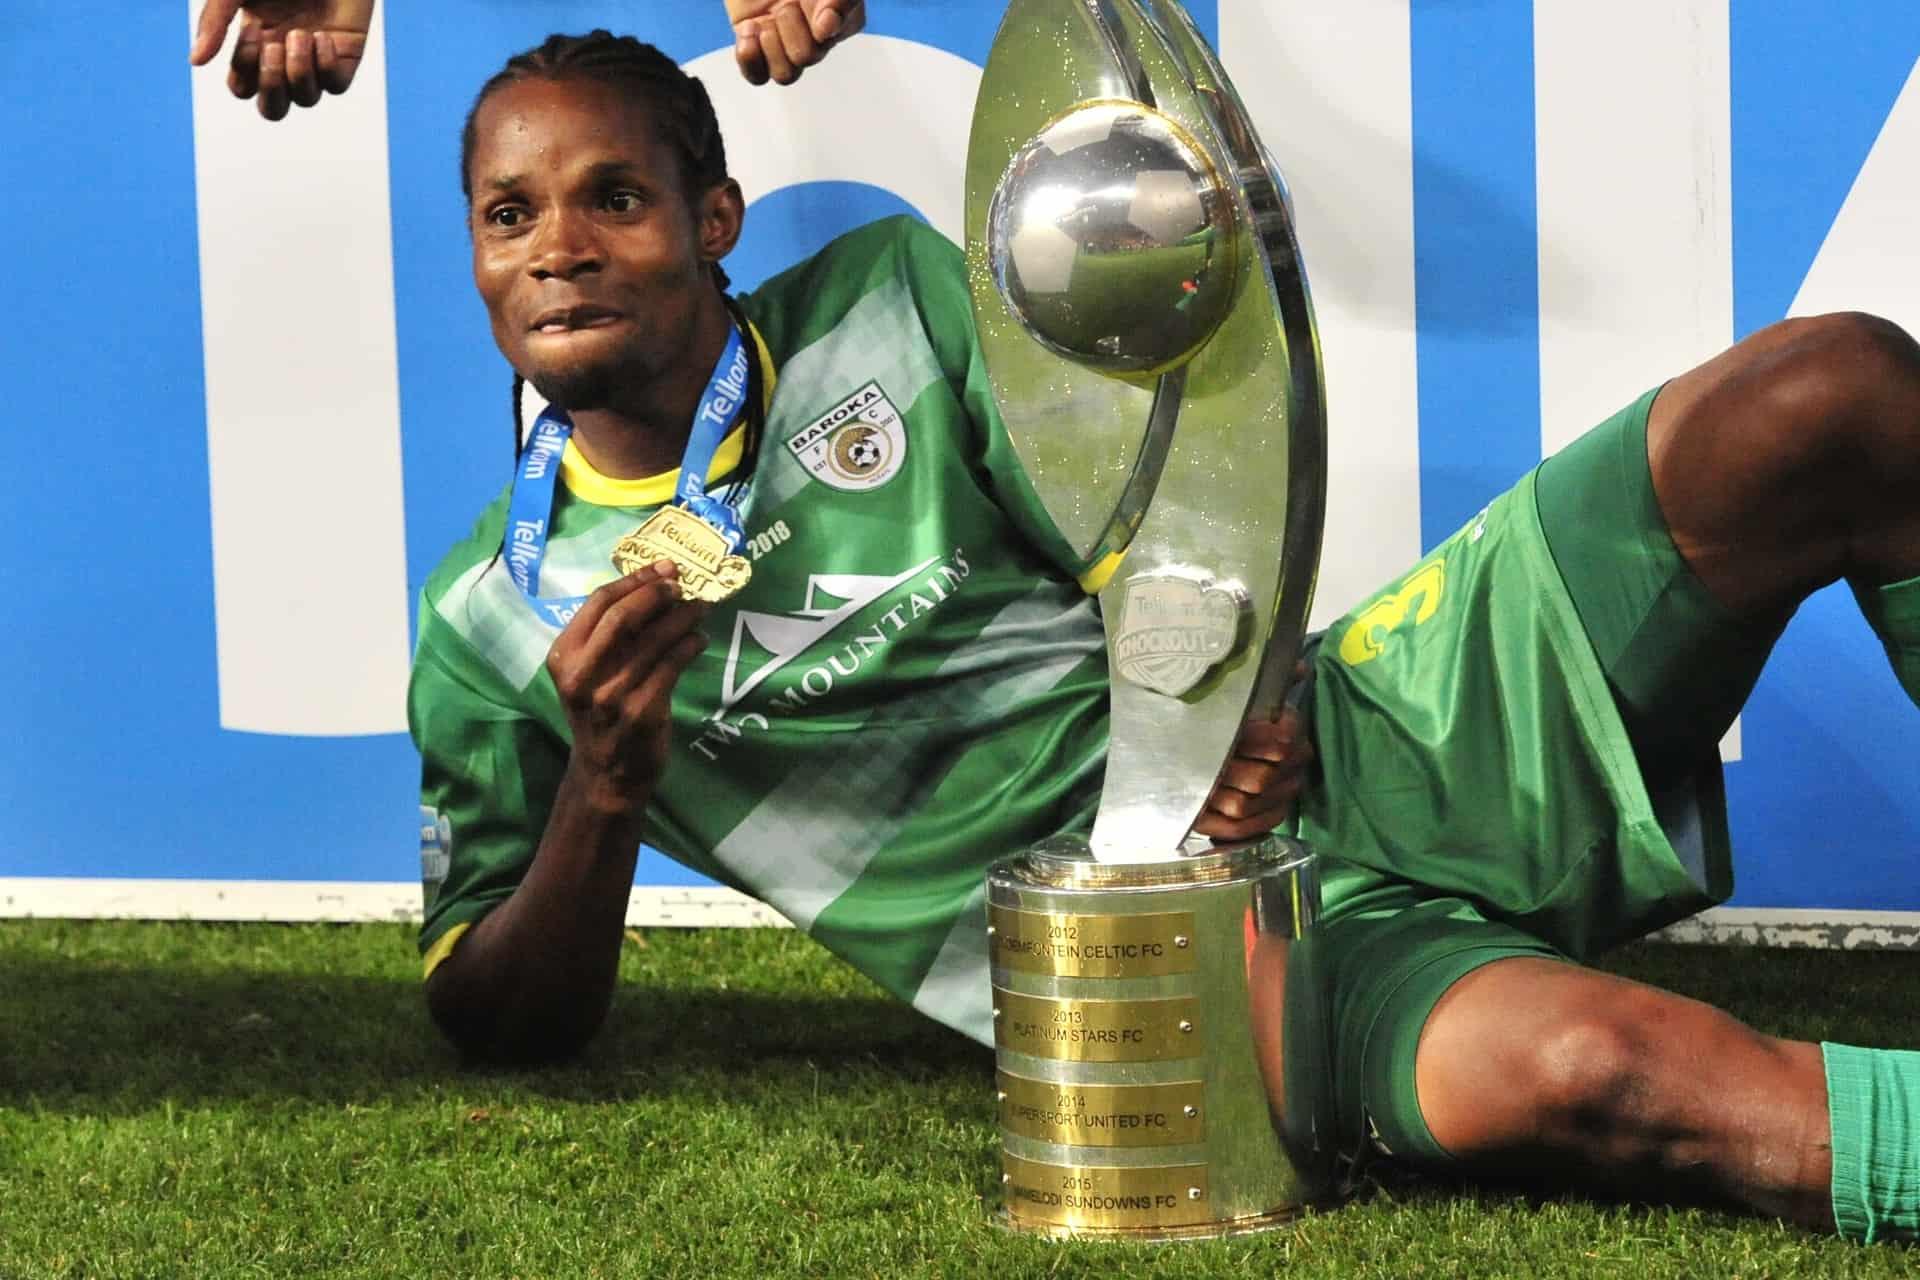 Football - 2018 Telkom Knockout Final - Baroka FC v Orlando Pirates - Nelson Mandela Stadium